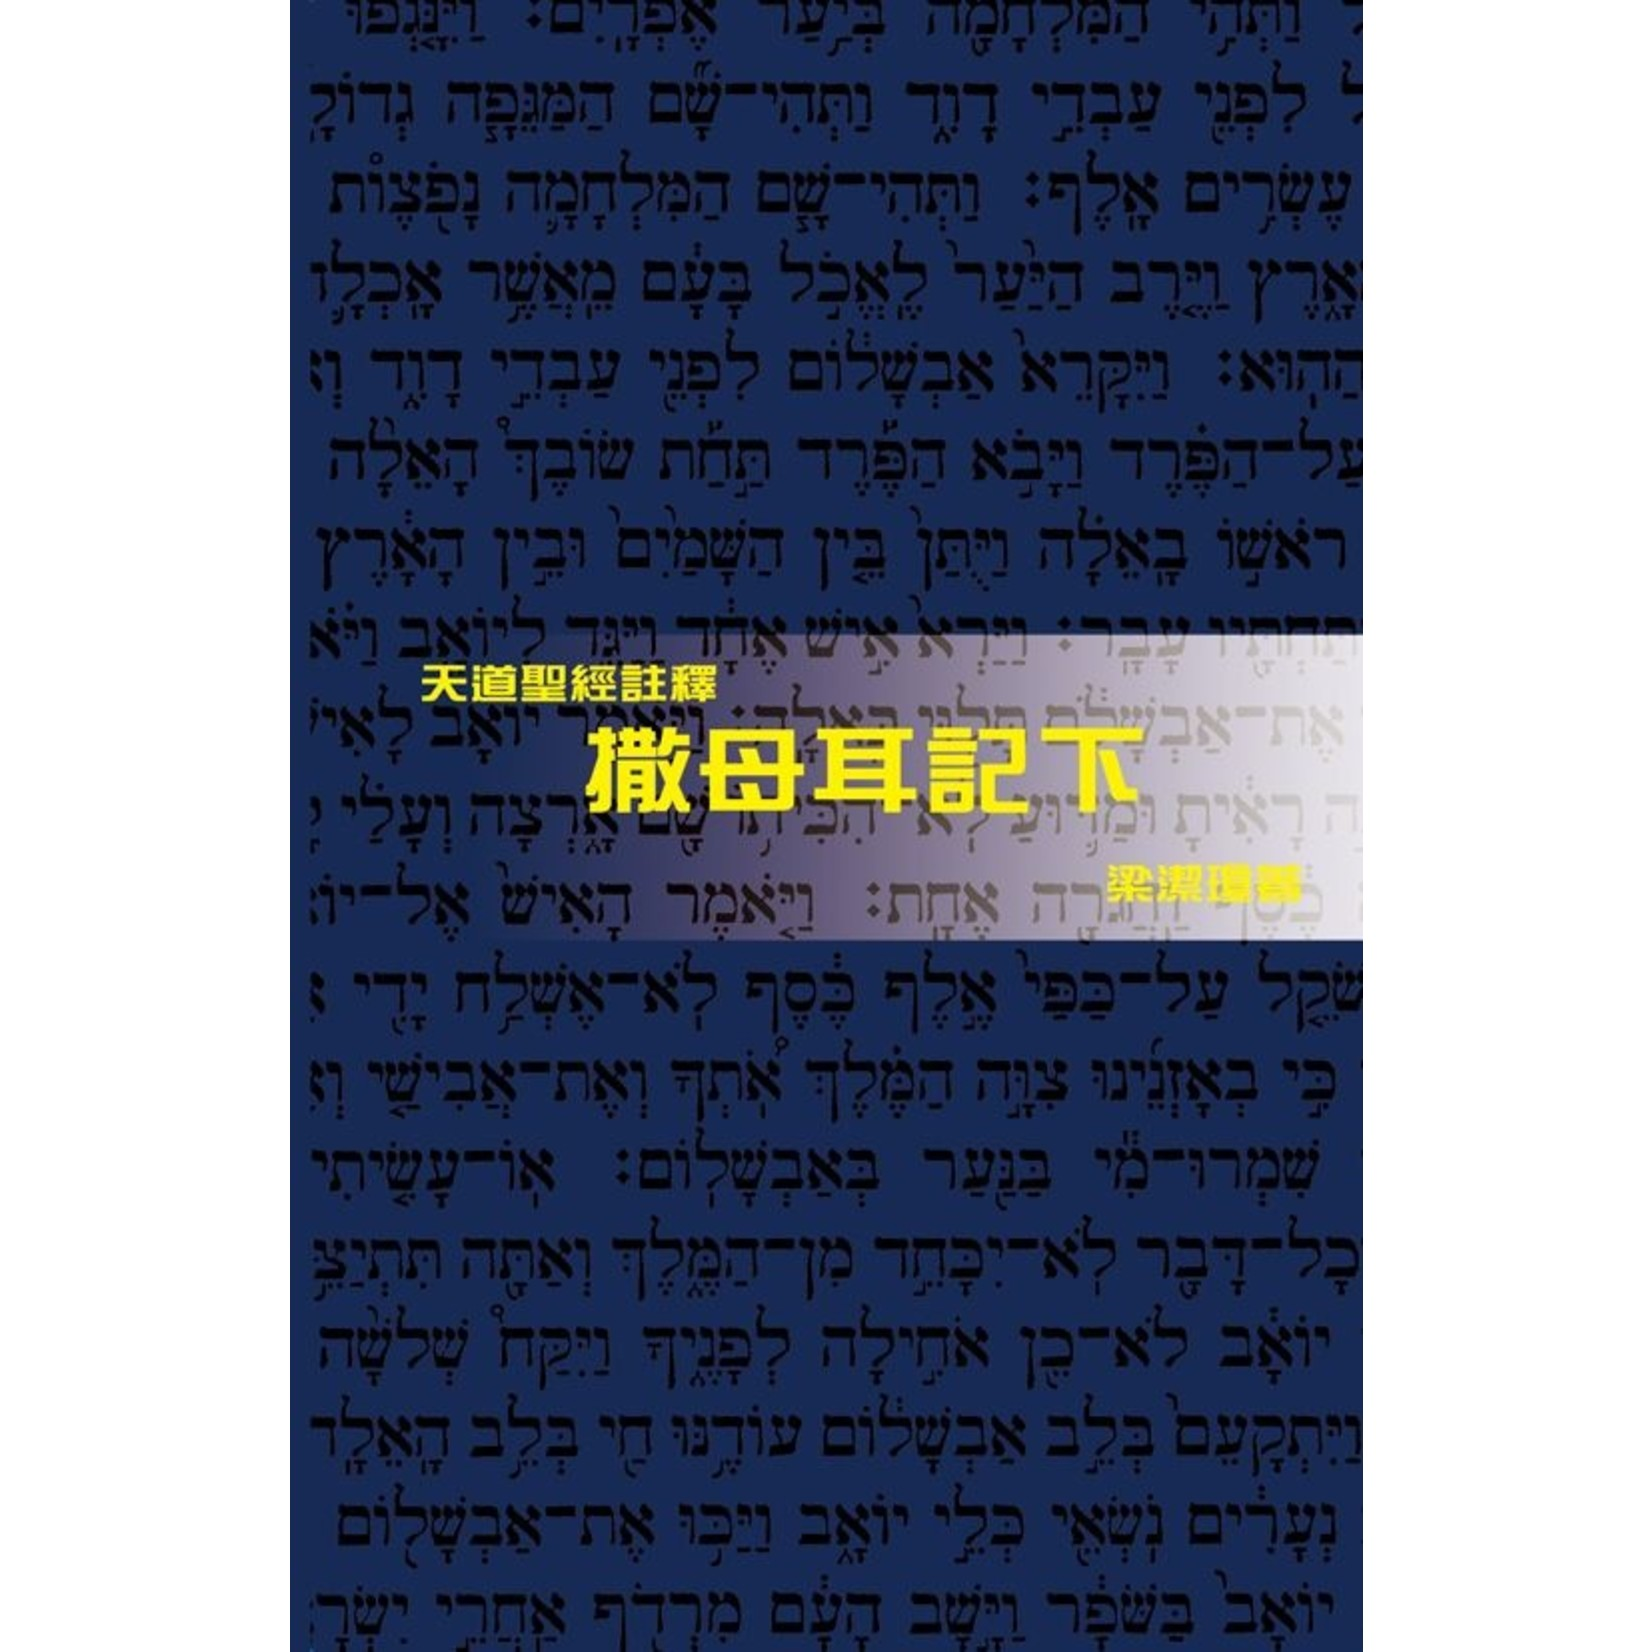 天道書樓 Tien Dao Publishing House 天道聖經註釋:撒母耳記下